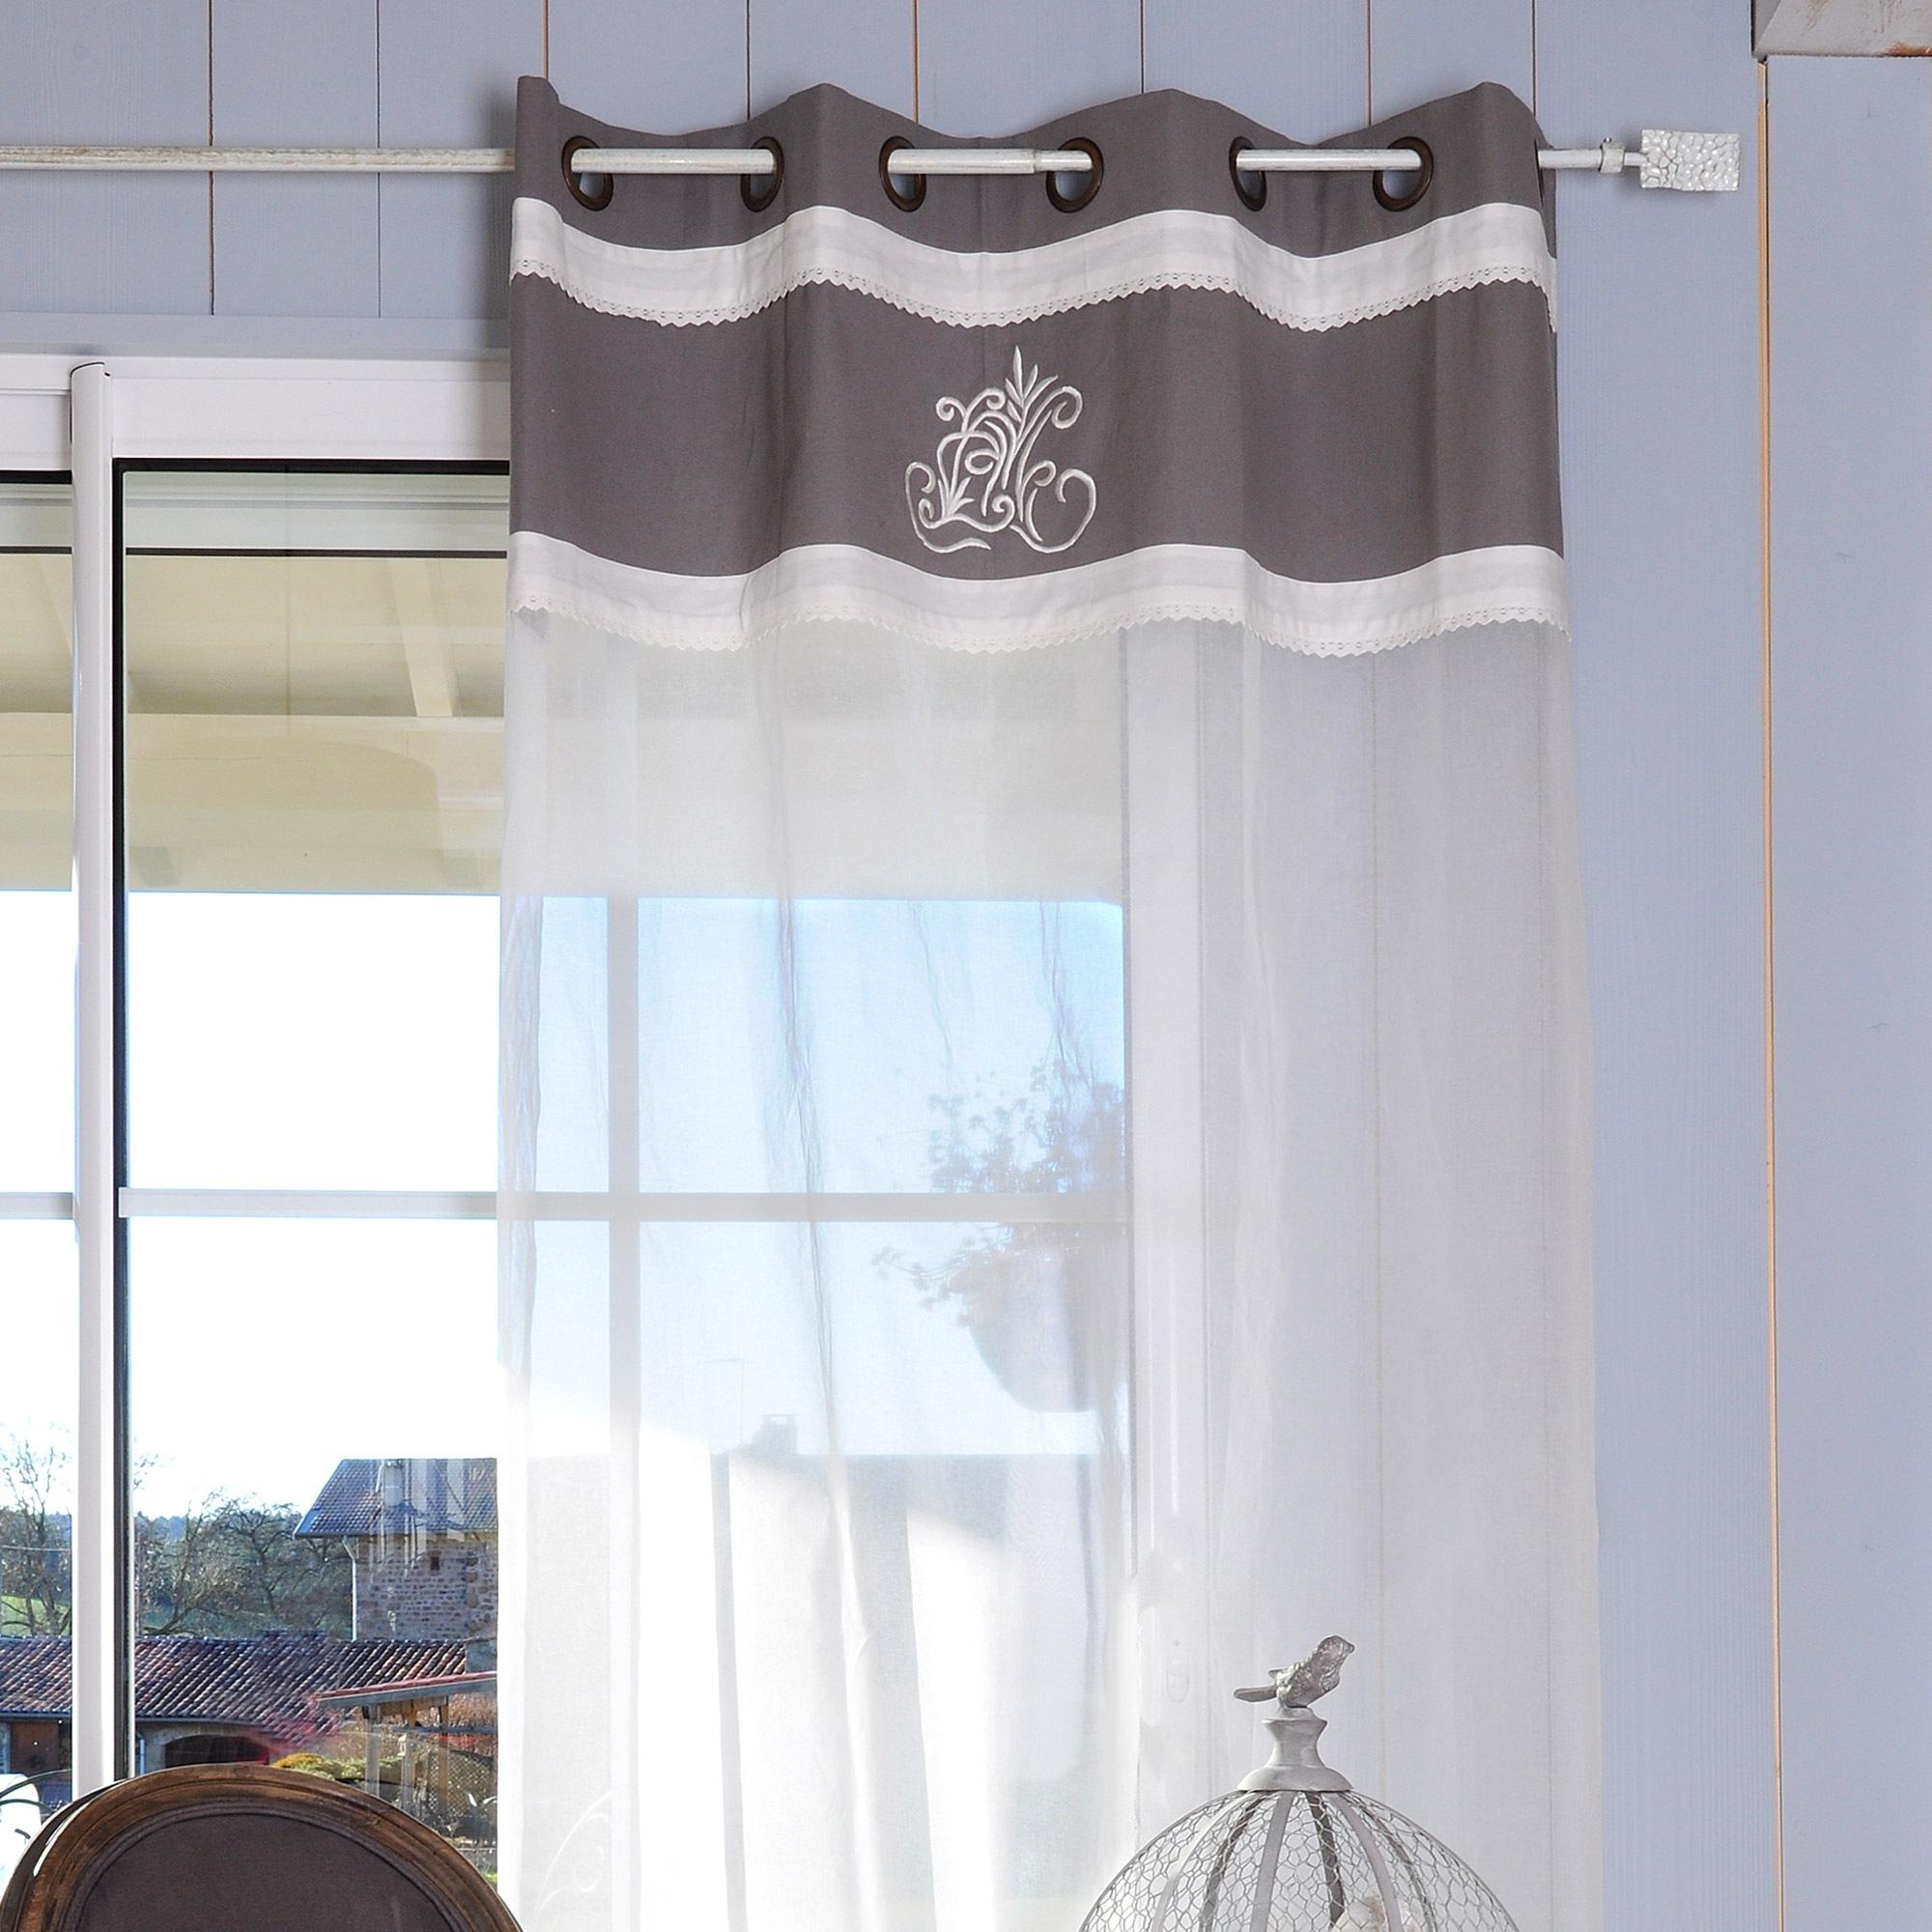 Rideaux Nouettes Ikea Luxe Photos Les 21 Nouveau Voilage A Oeillet